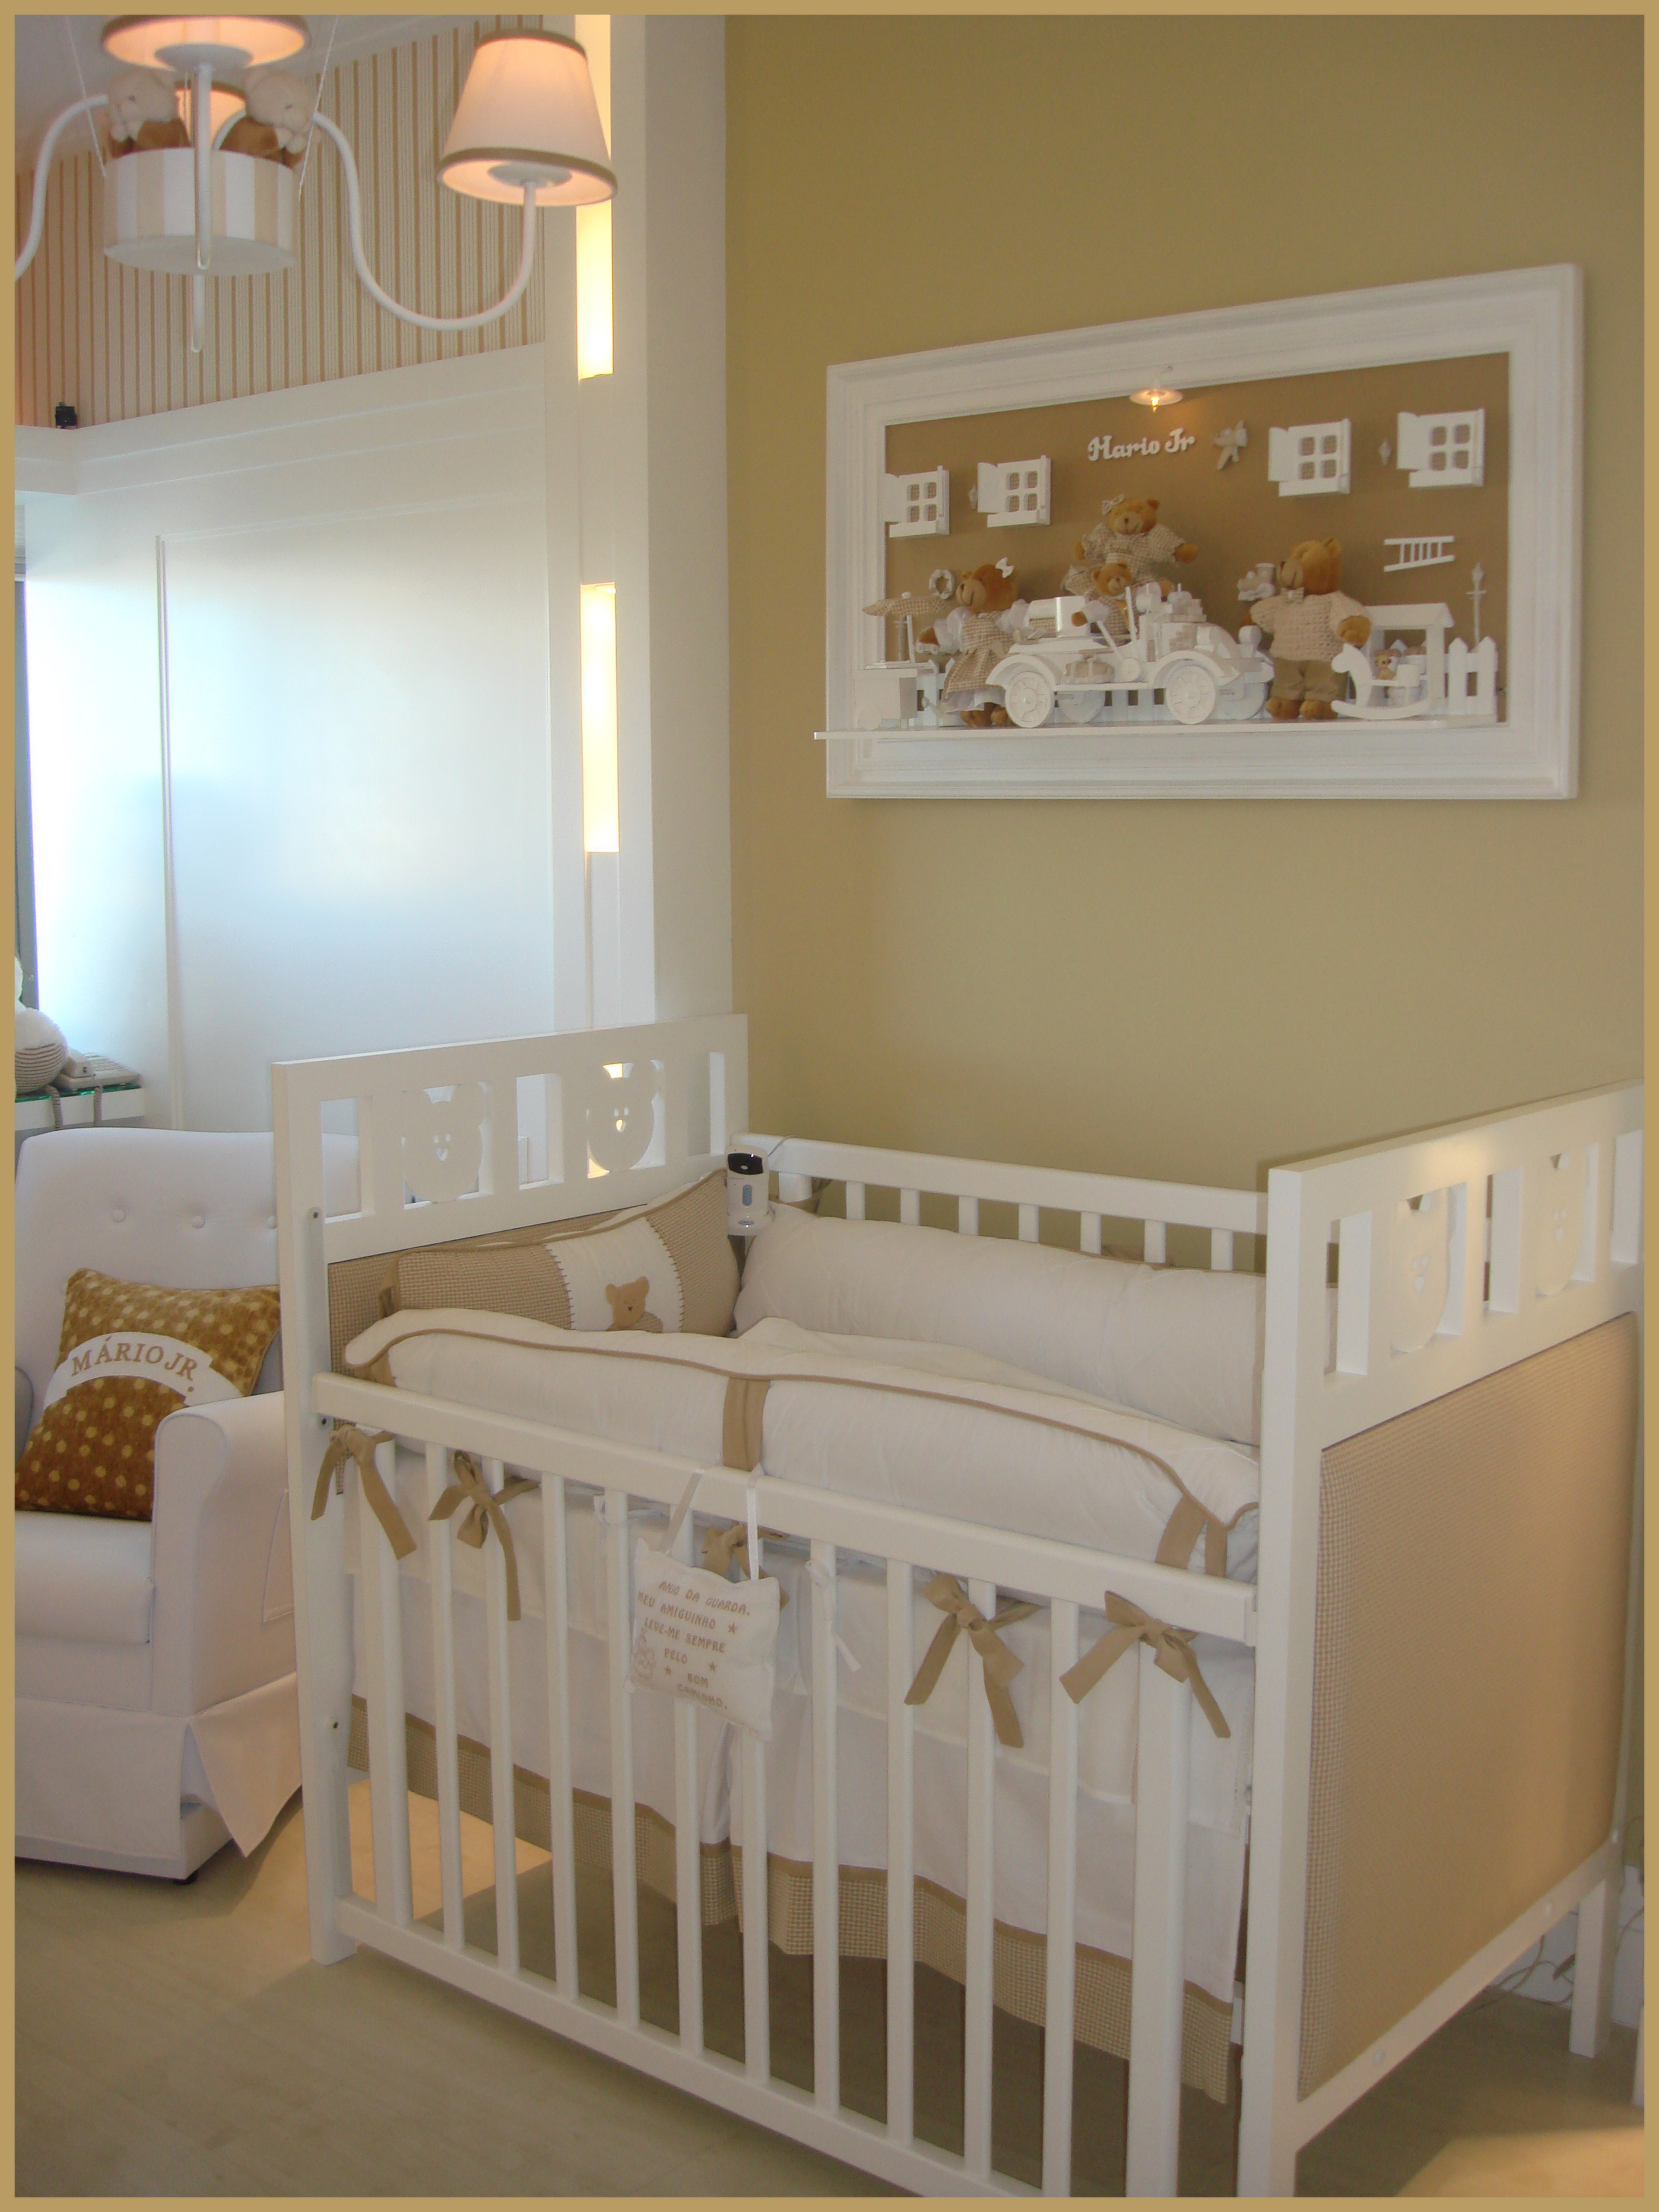 Quarto De Beb Bege E Branco  ~ Imagens De Quarto De Bebe Simples